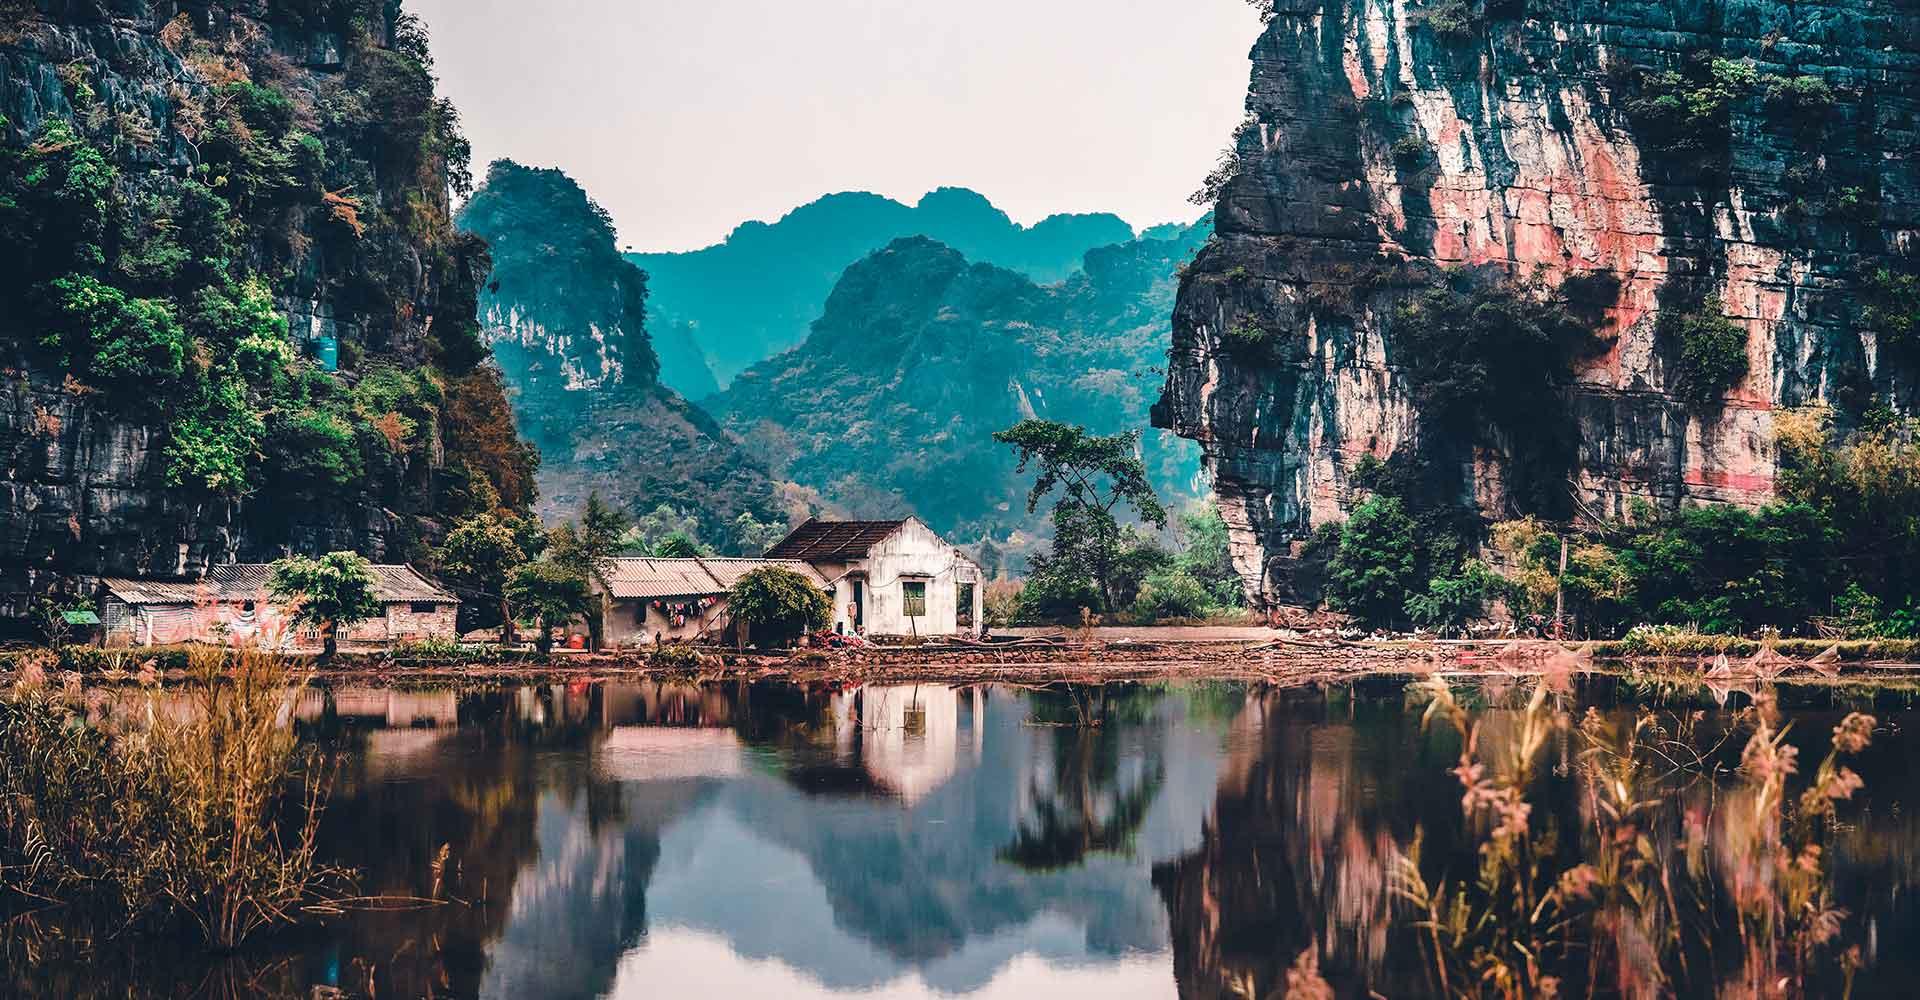 Banner image of Vietnam